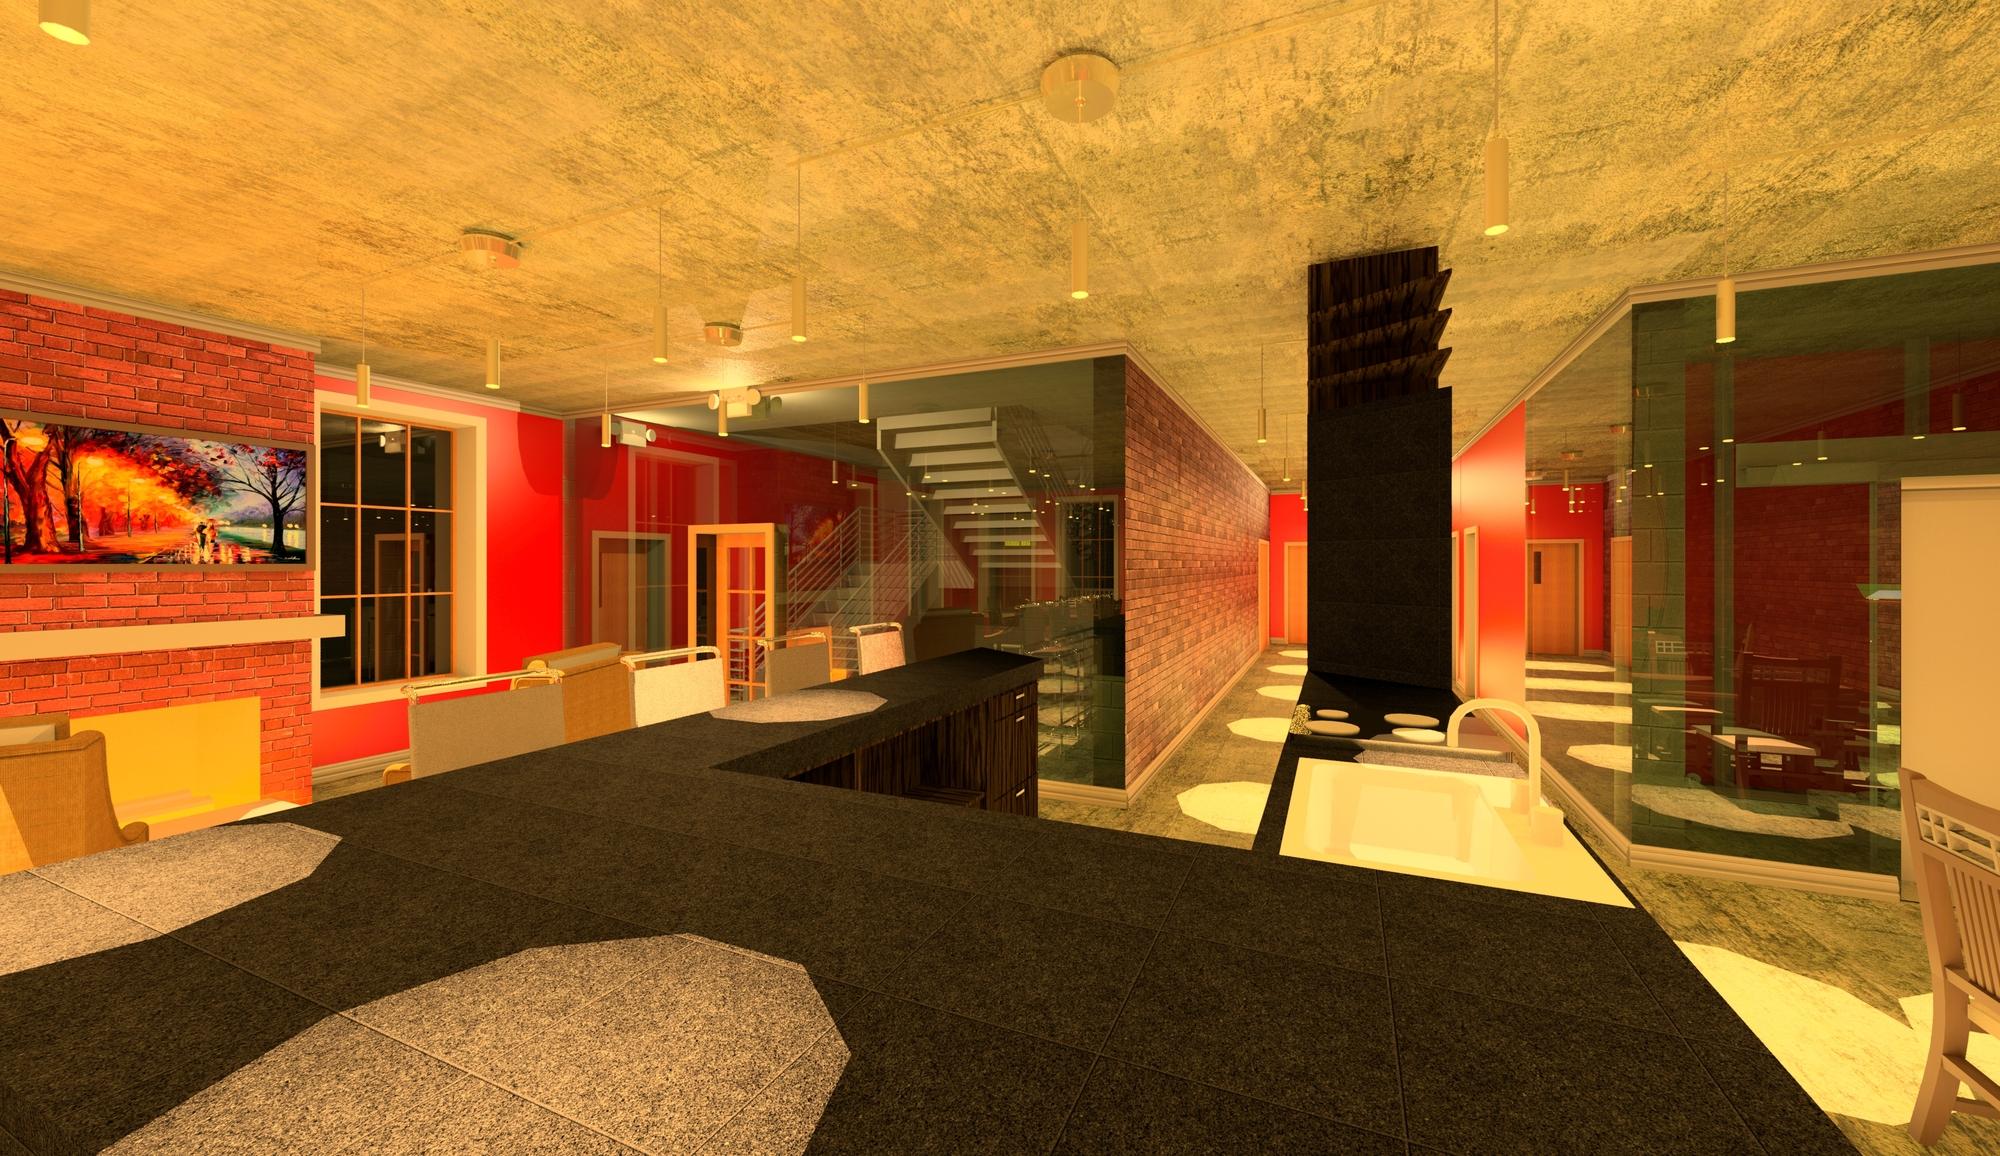 Raas-rendering20150407-8188-1jz61fp